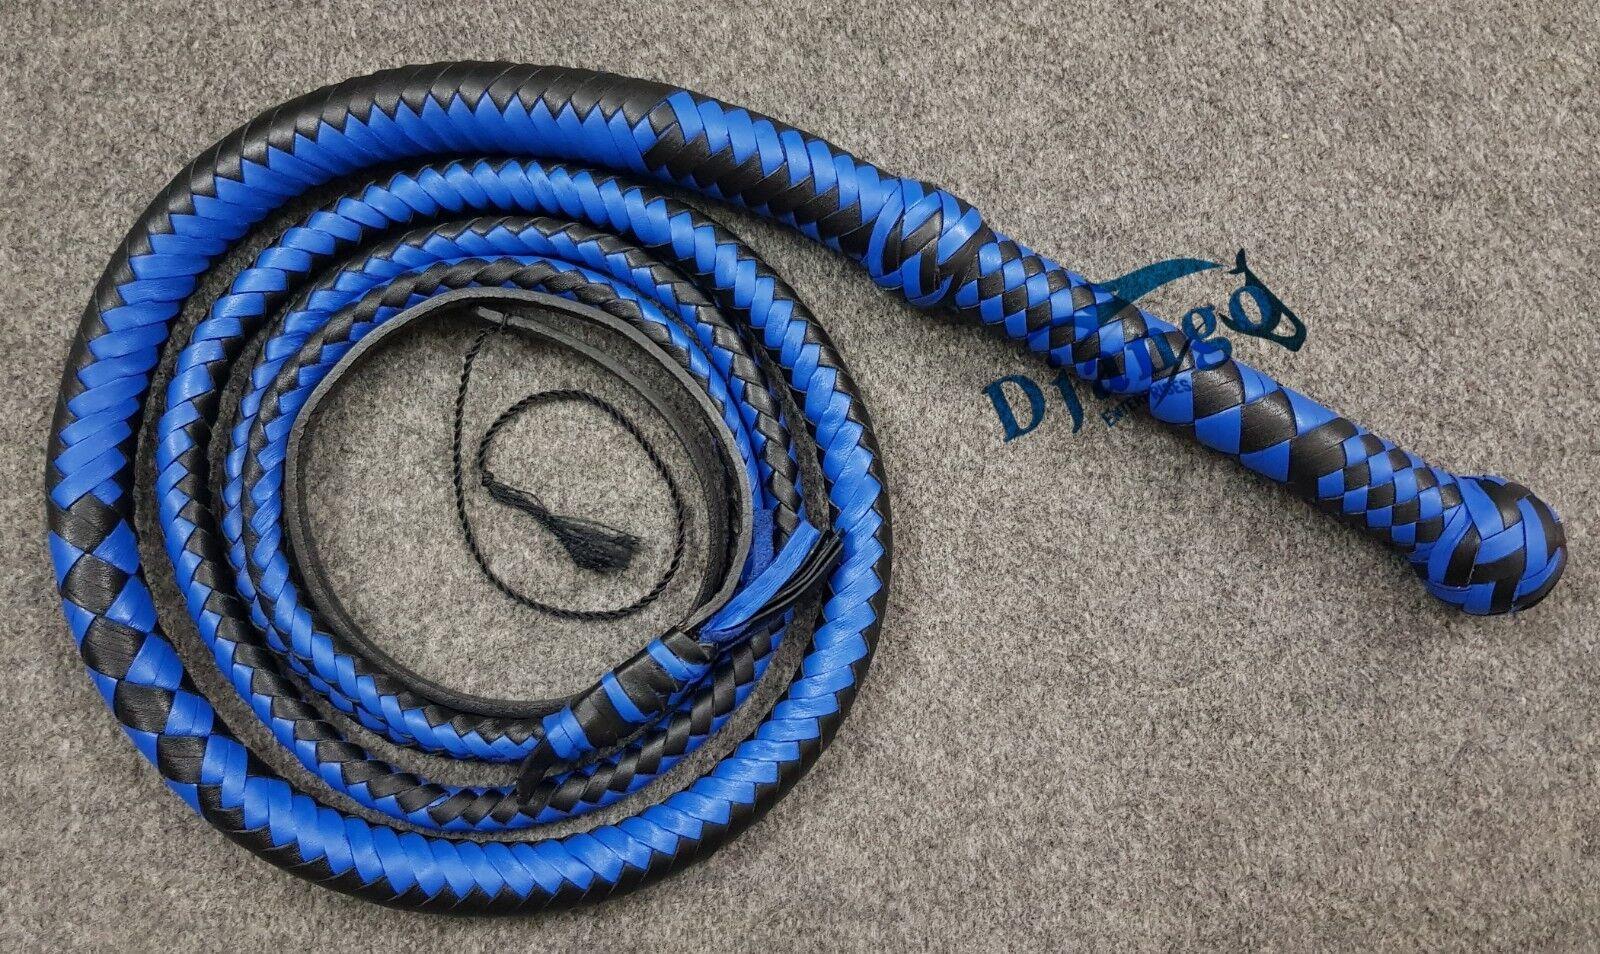 8 pies de largo 12 trenzas Azul Y Negro Real Cuero de grano superior Heavy Duty látigo de toros